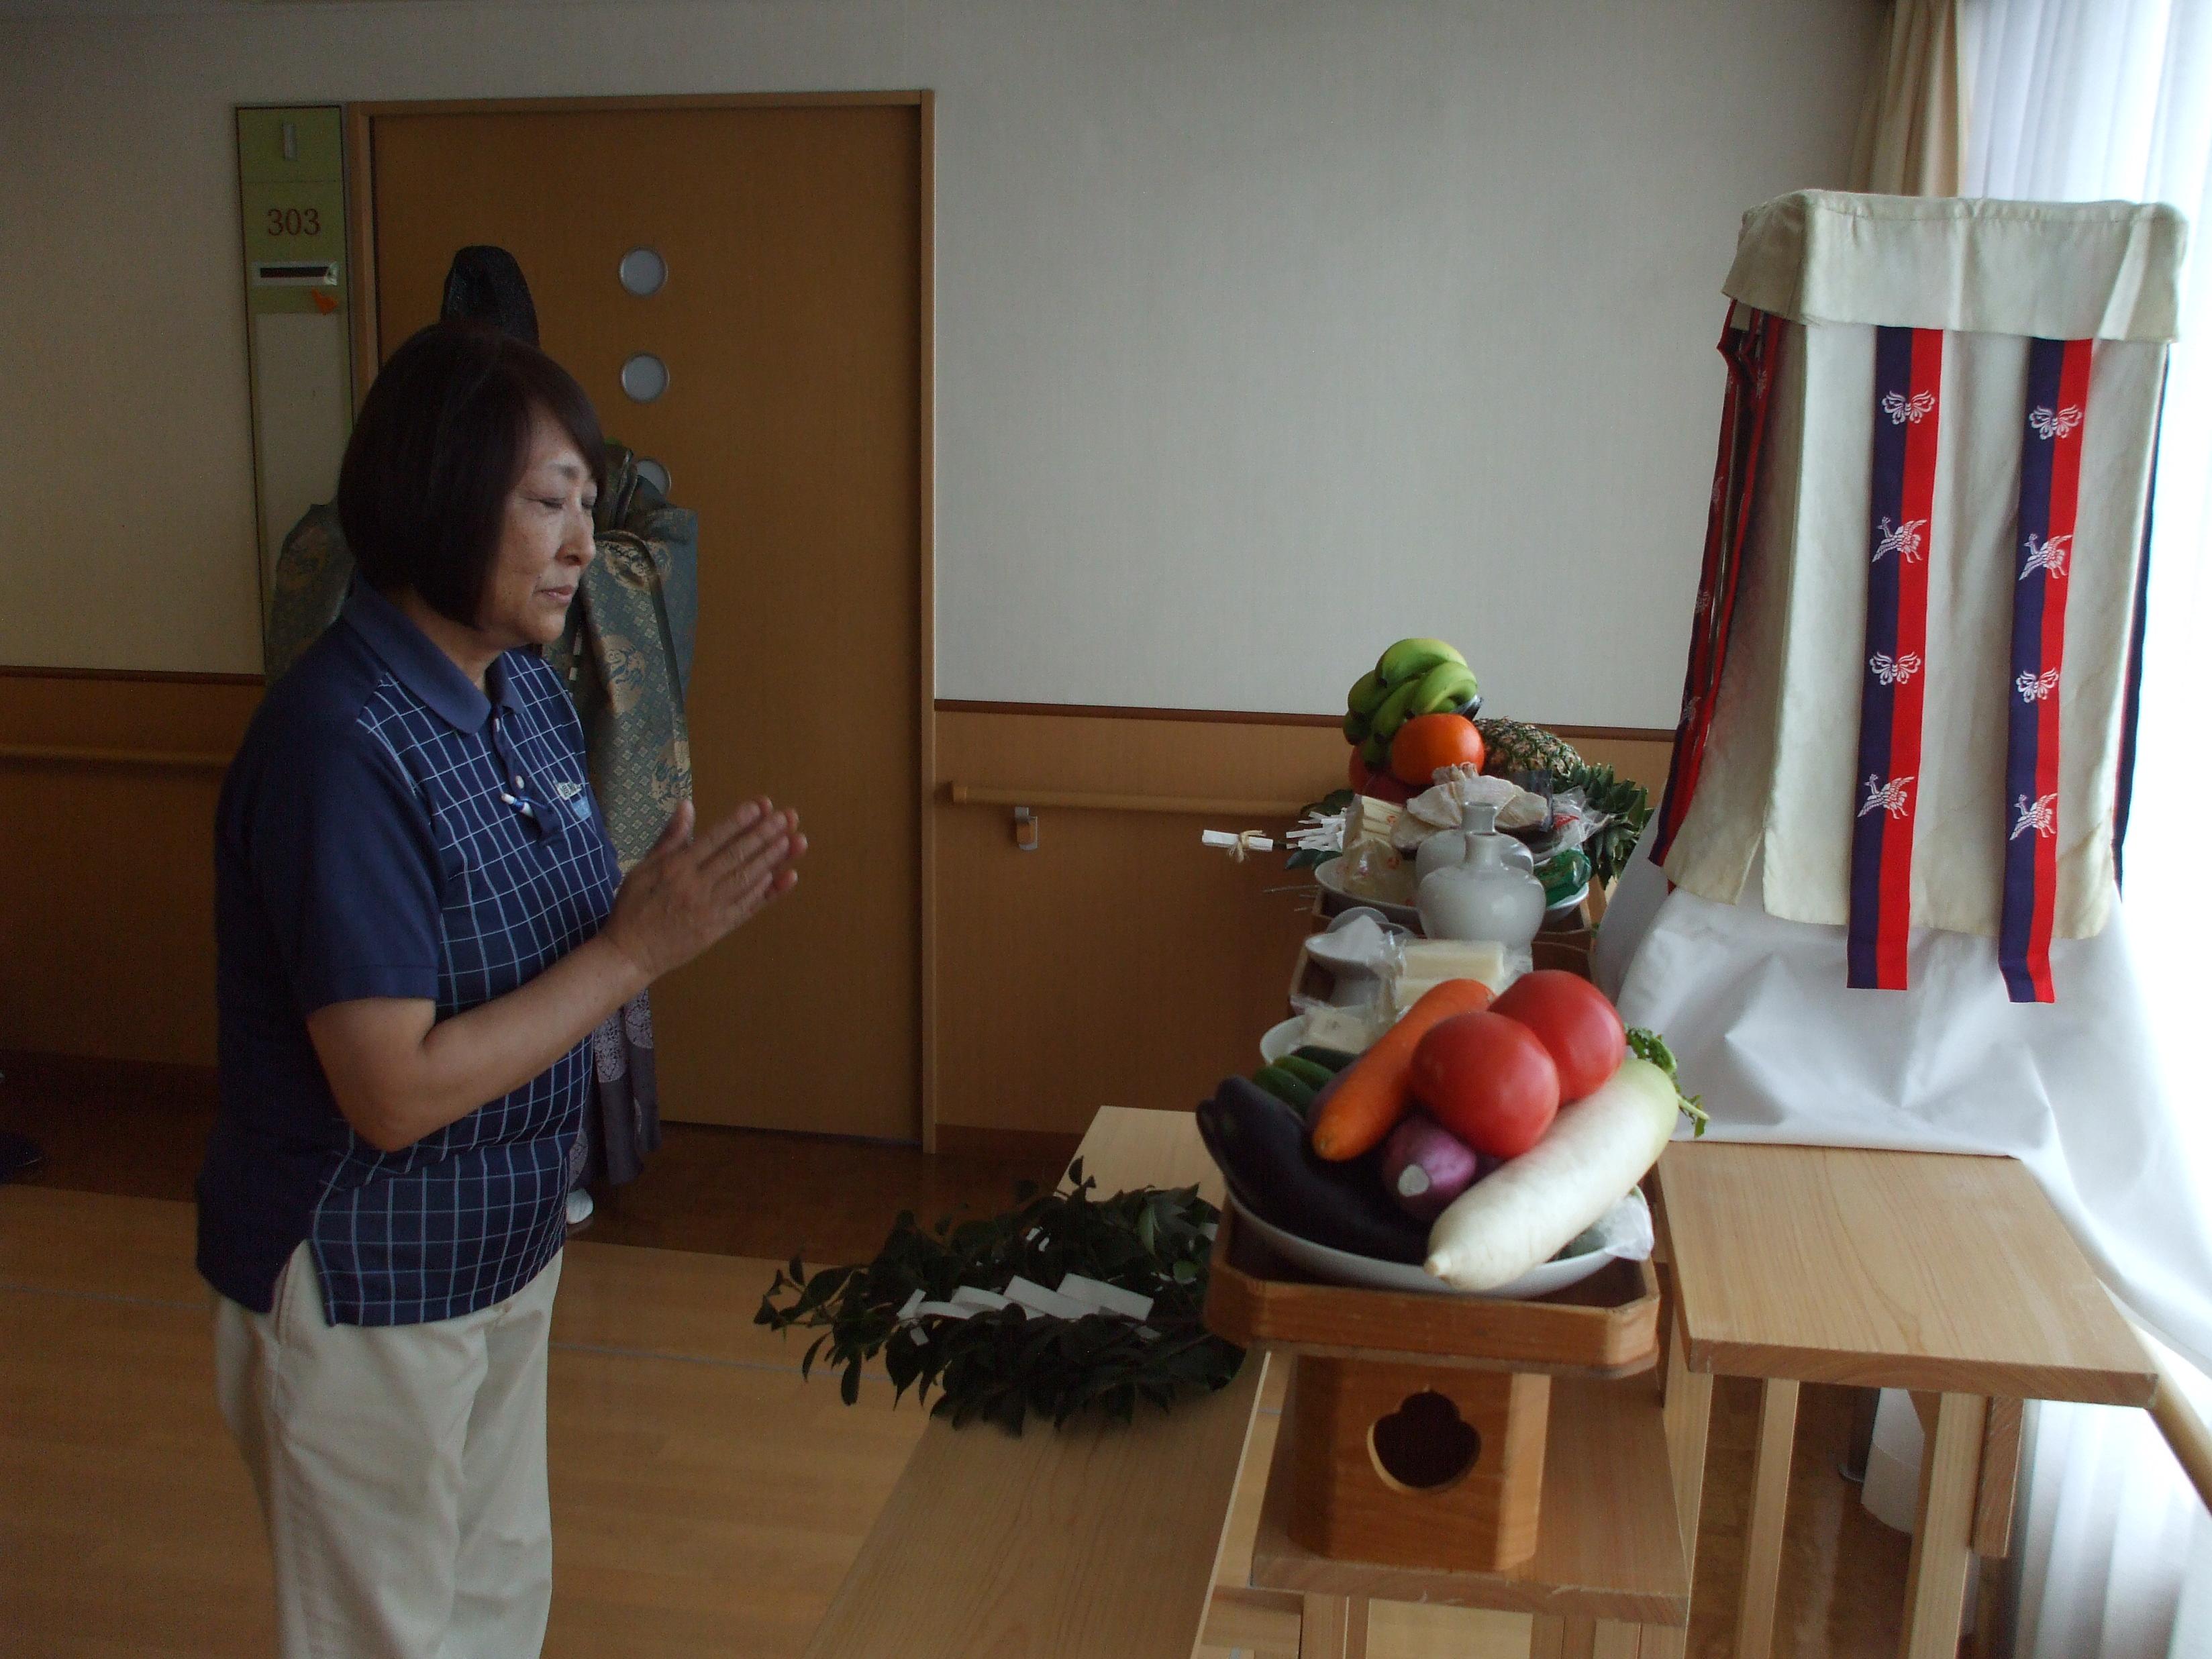 http://www.seisuikai.net/js/news_upload/images/33b1c25682aa2b6f2cd43bae619808441548477339.JPG